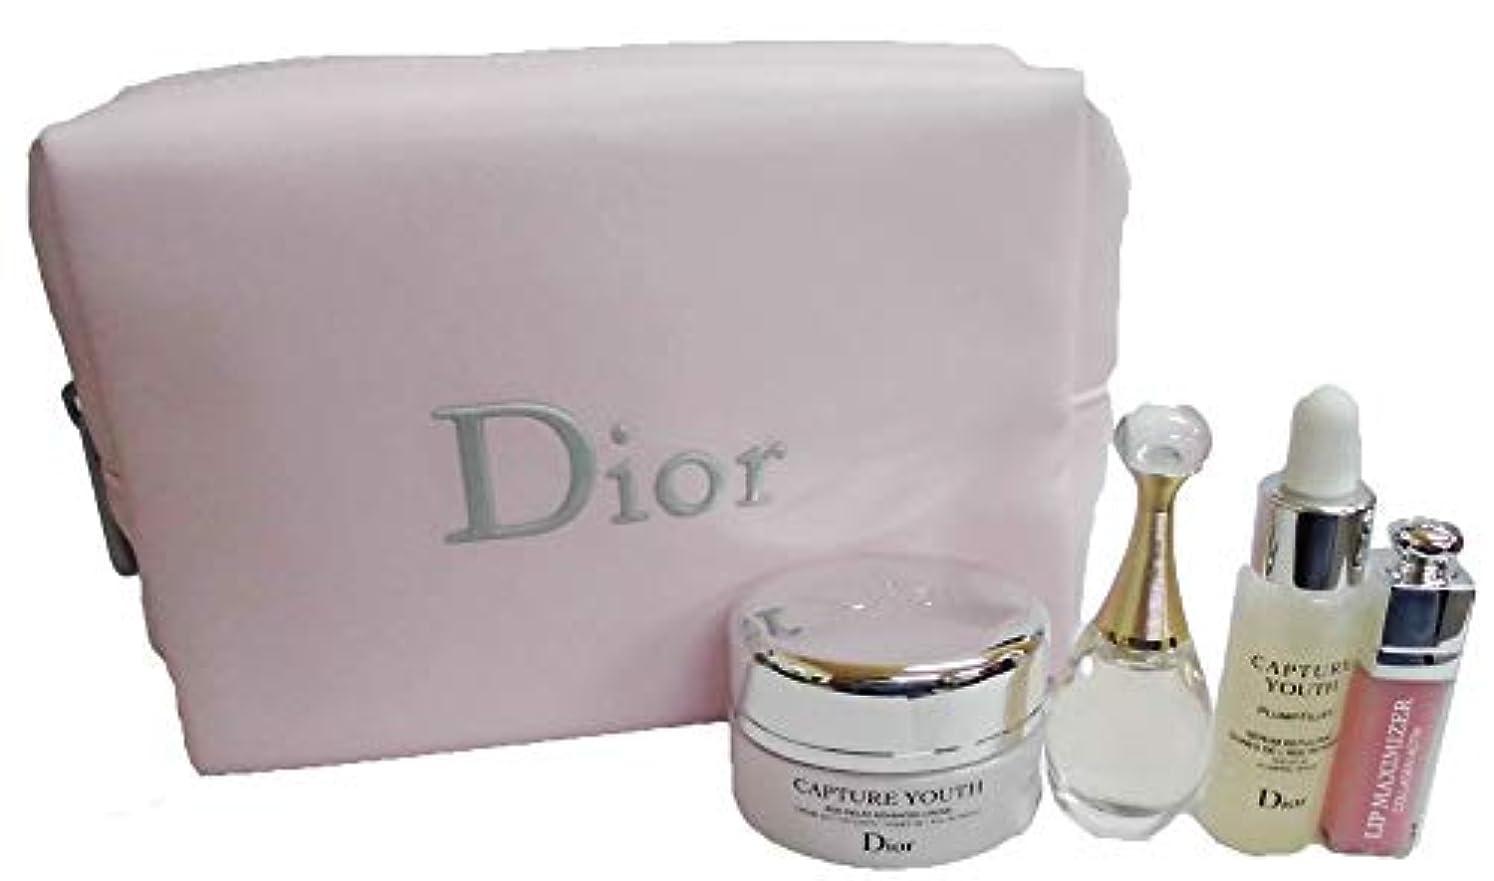 変動する深いサイドボードディオール Dior カプチュール ユース ジャドール マキシマイザー ポーチ セット ピンク